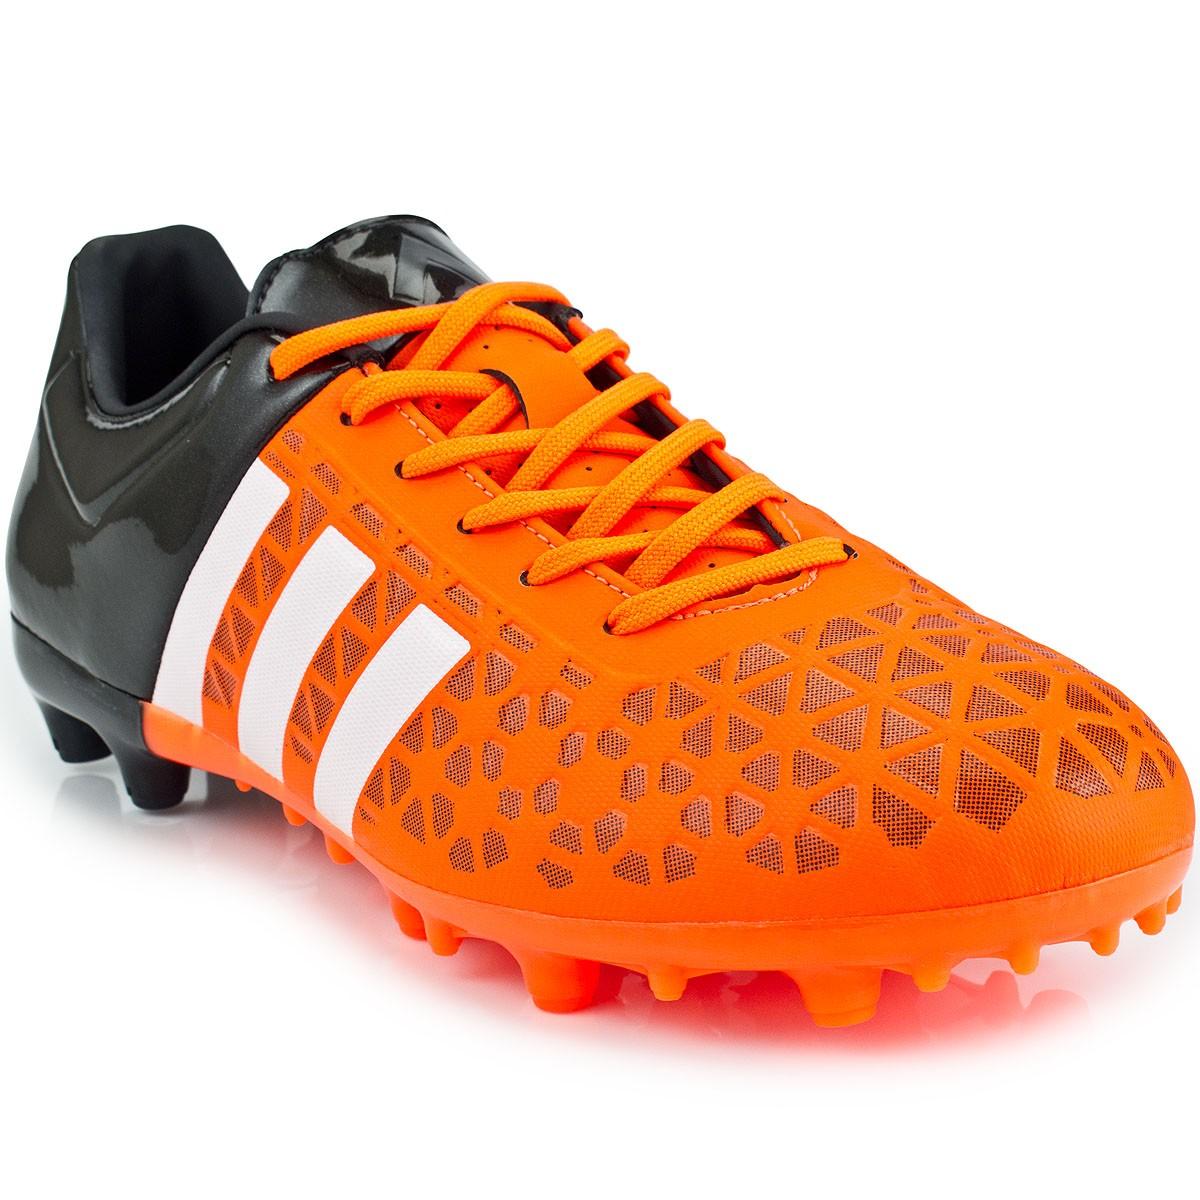 Chuteira Adidas Ace 15.3 FG  a57afa928e905